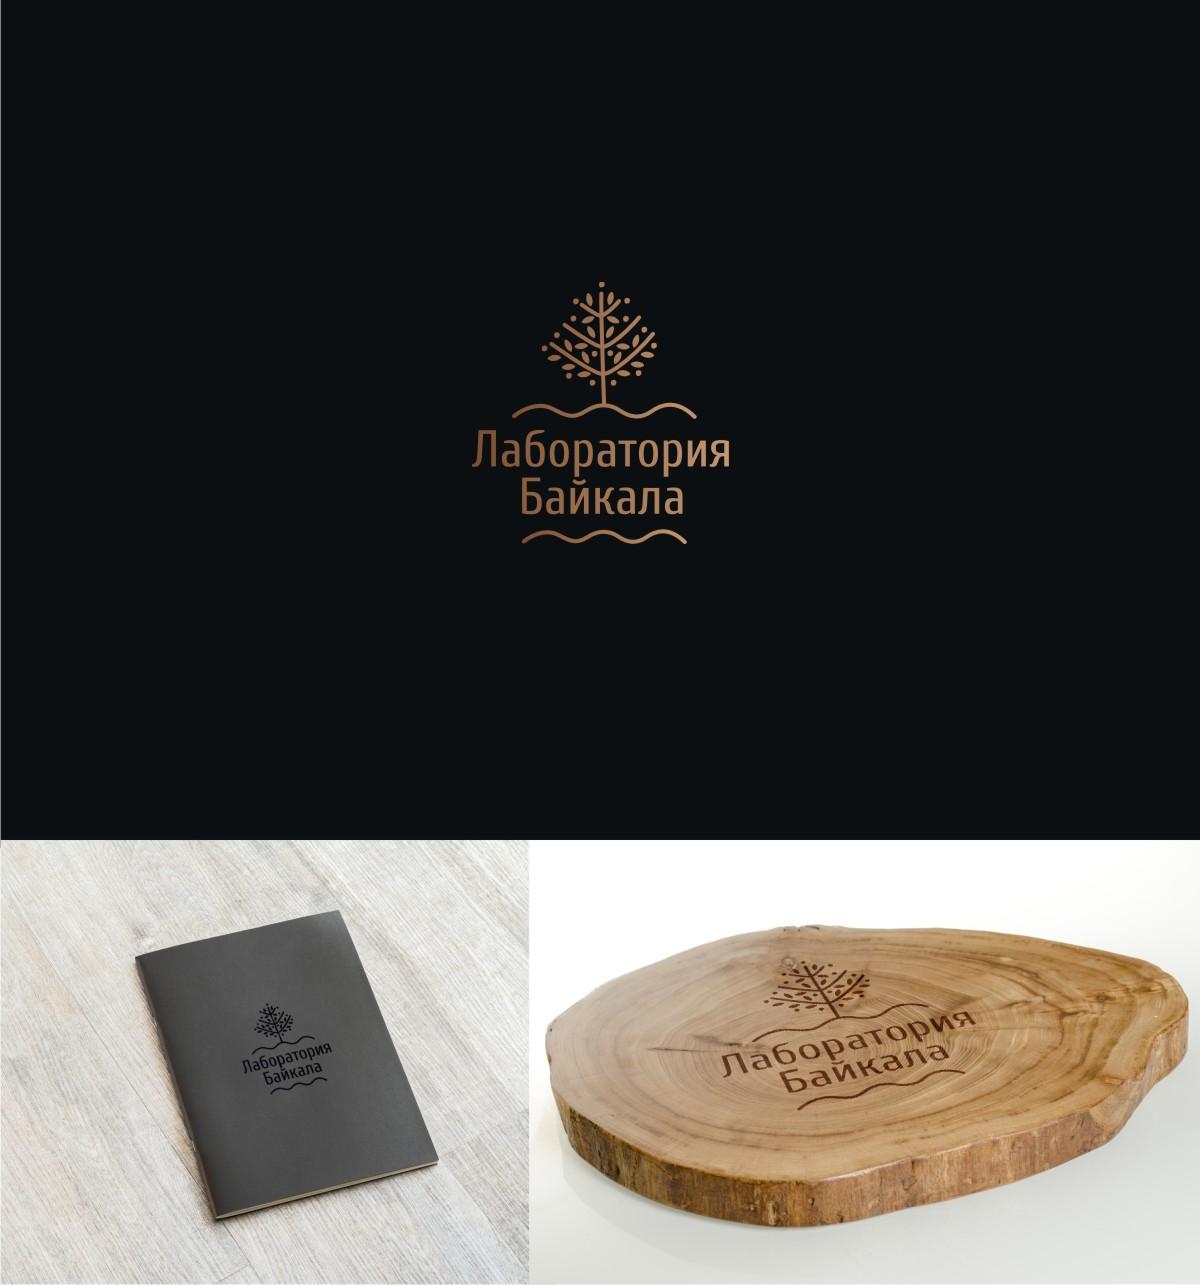 Разработка логотипа торговой марки фото f_960596b17e19e19a.jpg